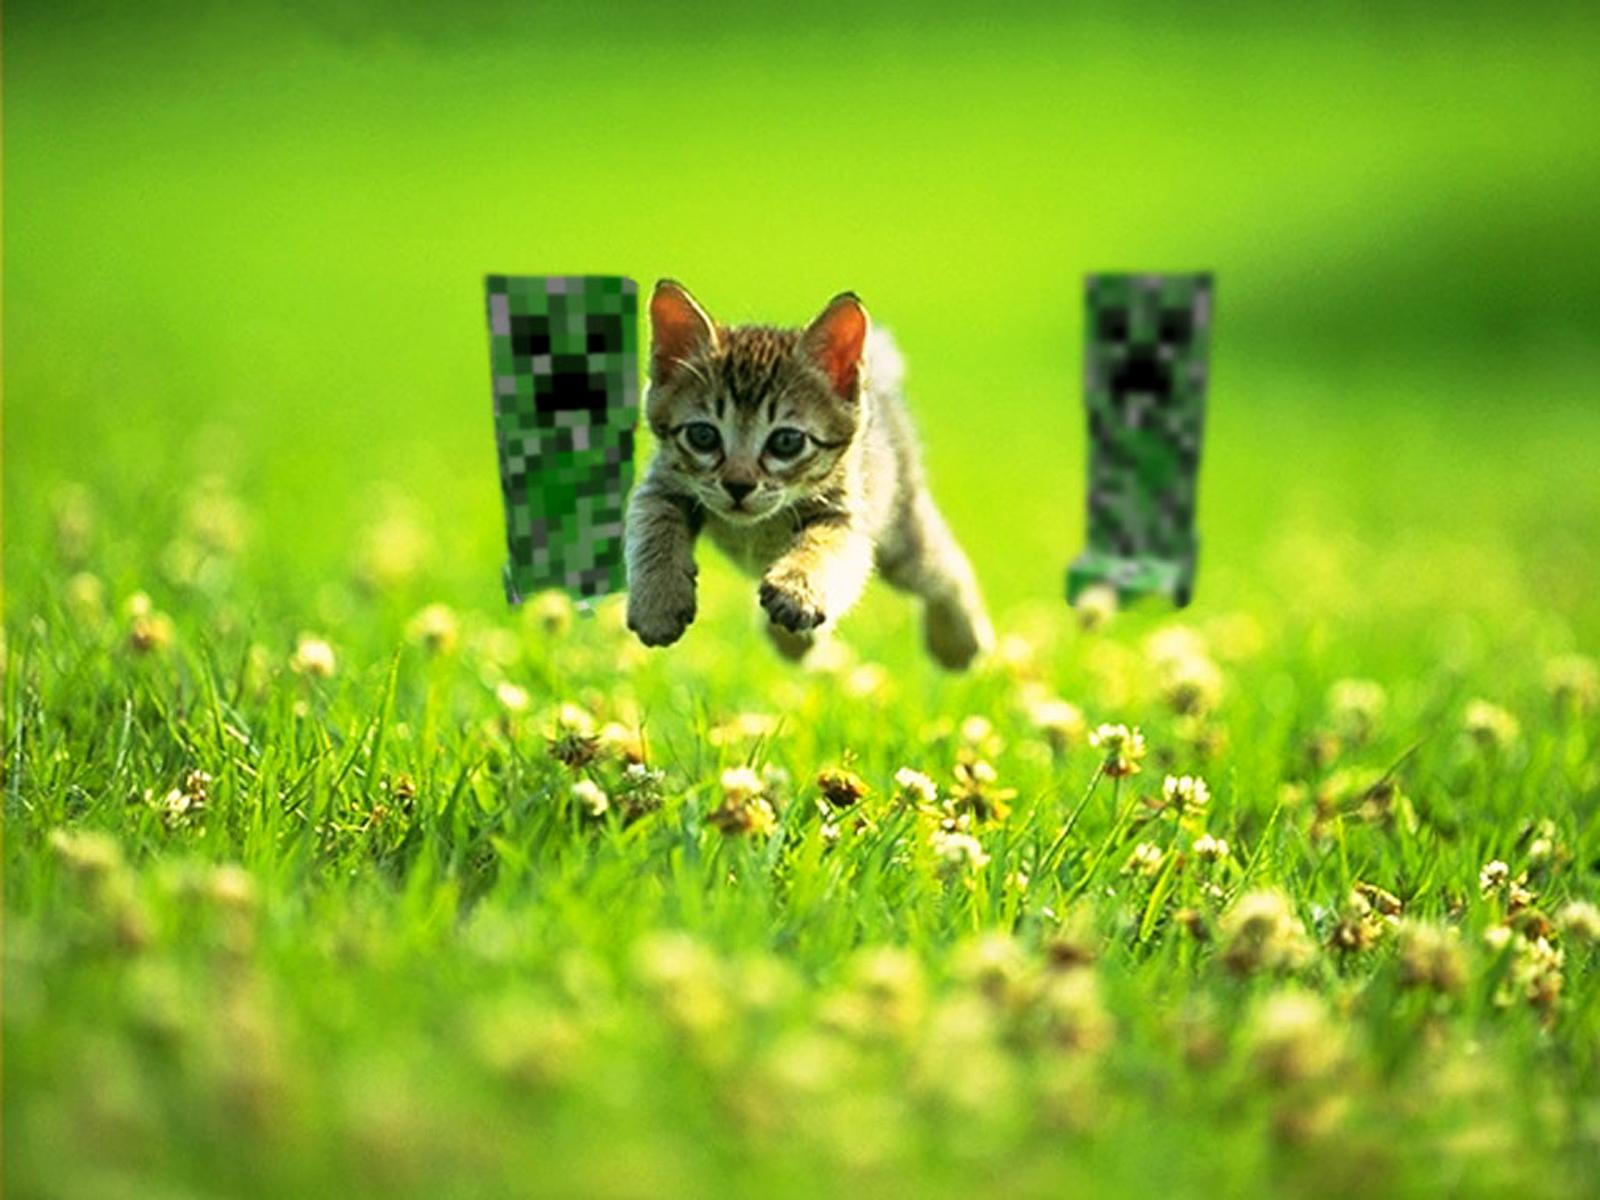 http://3.bp.blogspot.com/-DcEt_p2O7pY/UAKdMnJbd3I/AAAAAAAACwE/IZmhzxYBQe8/s1600/Funny_Minecraft_Running_Away_Cat_HD_Wallpaper-Vvallpaper.Net.jpg